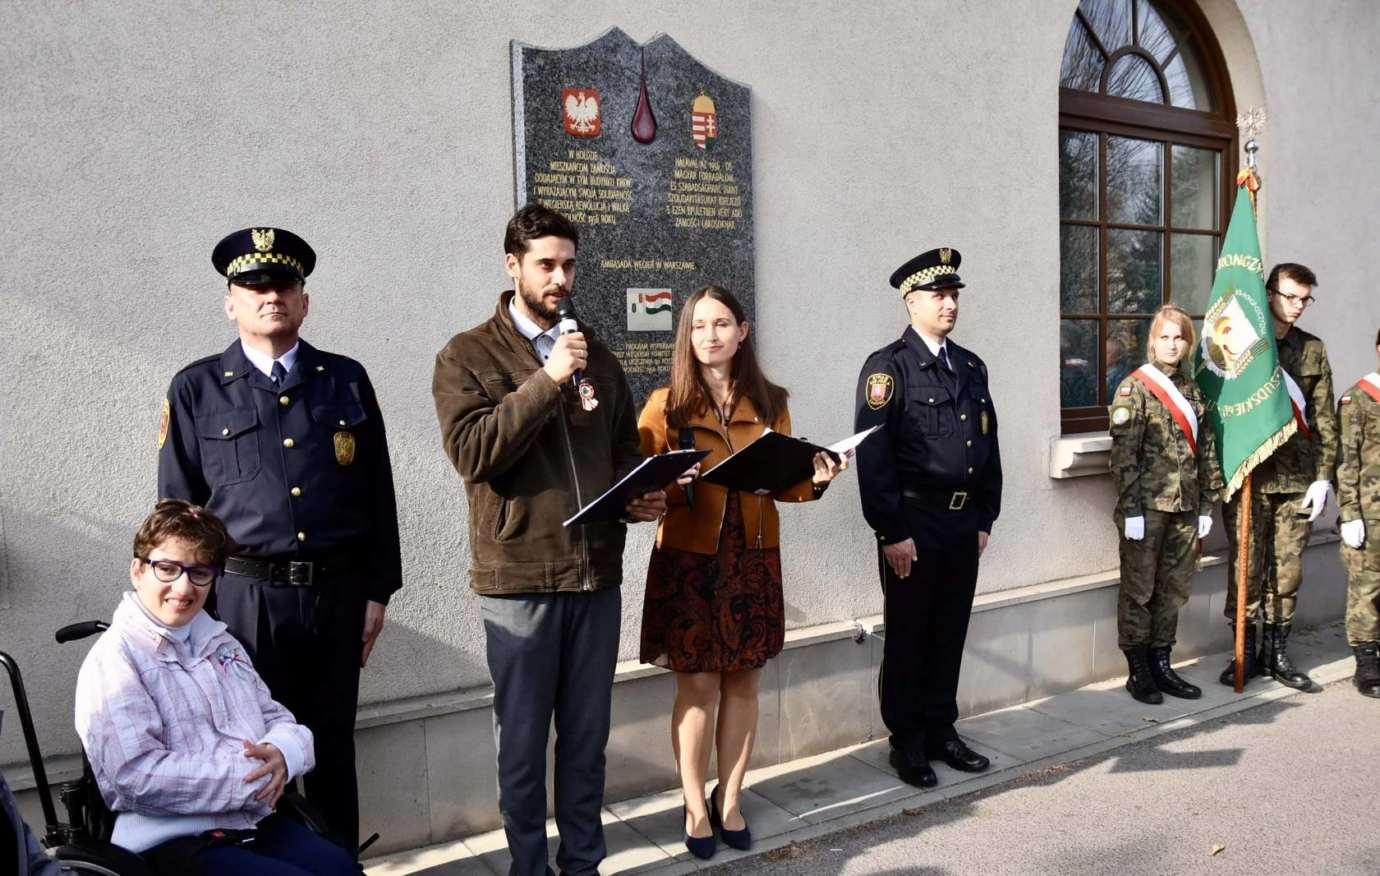 dsc 9460 Zamość: Obchody Narodowego Święta Węgier [ZDJĘCIA, FILM]